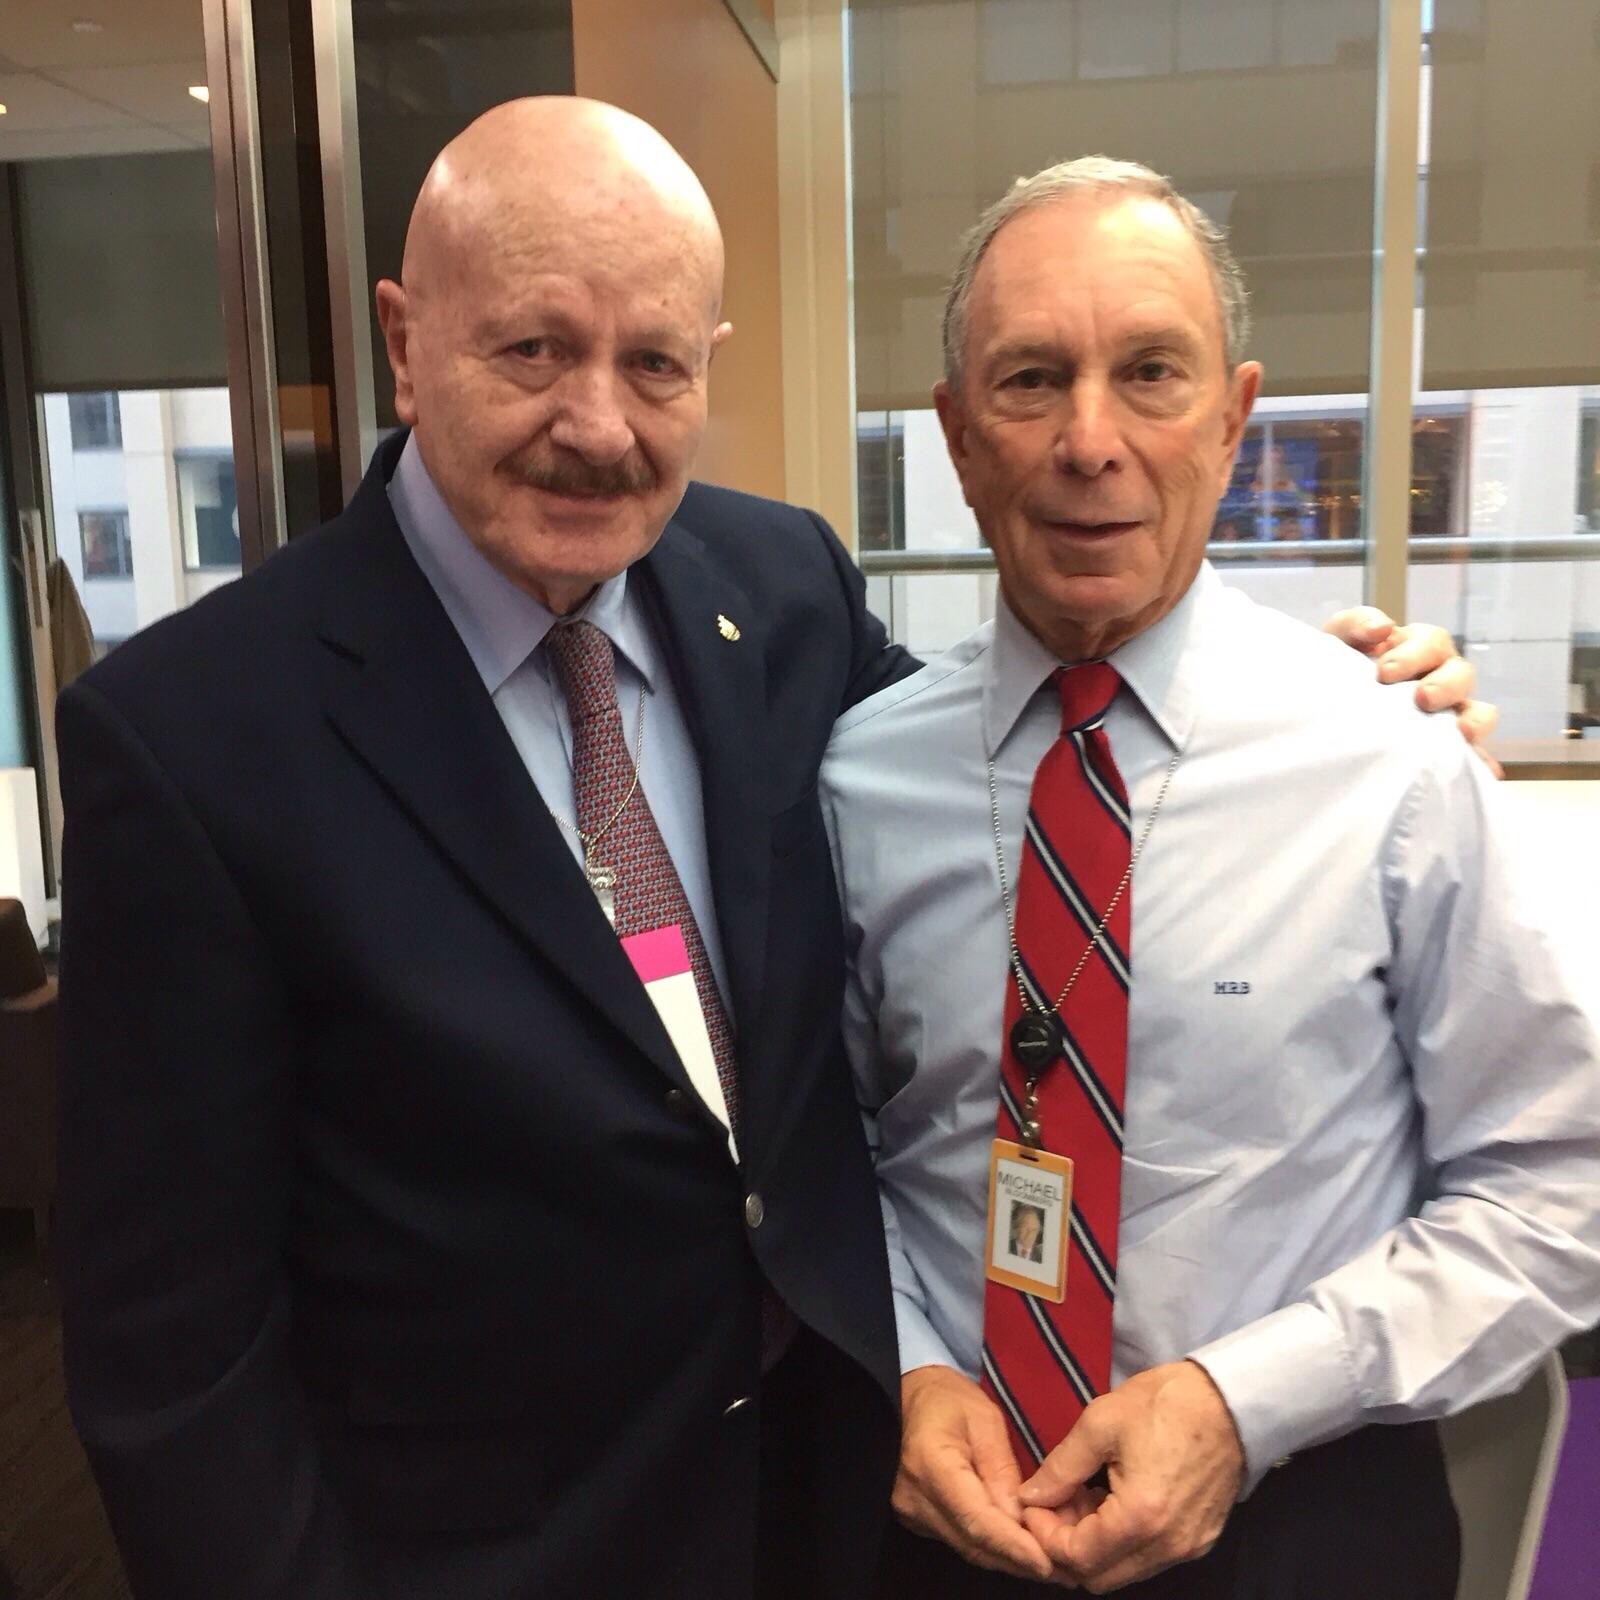 El Comisionado Nacional contra las Adicciones, Manuel Mondragón y Kalb, se reunió en Nueva York, EUA, con Michael Bloomberg, director de Fundación Bloomberg.